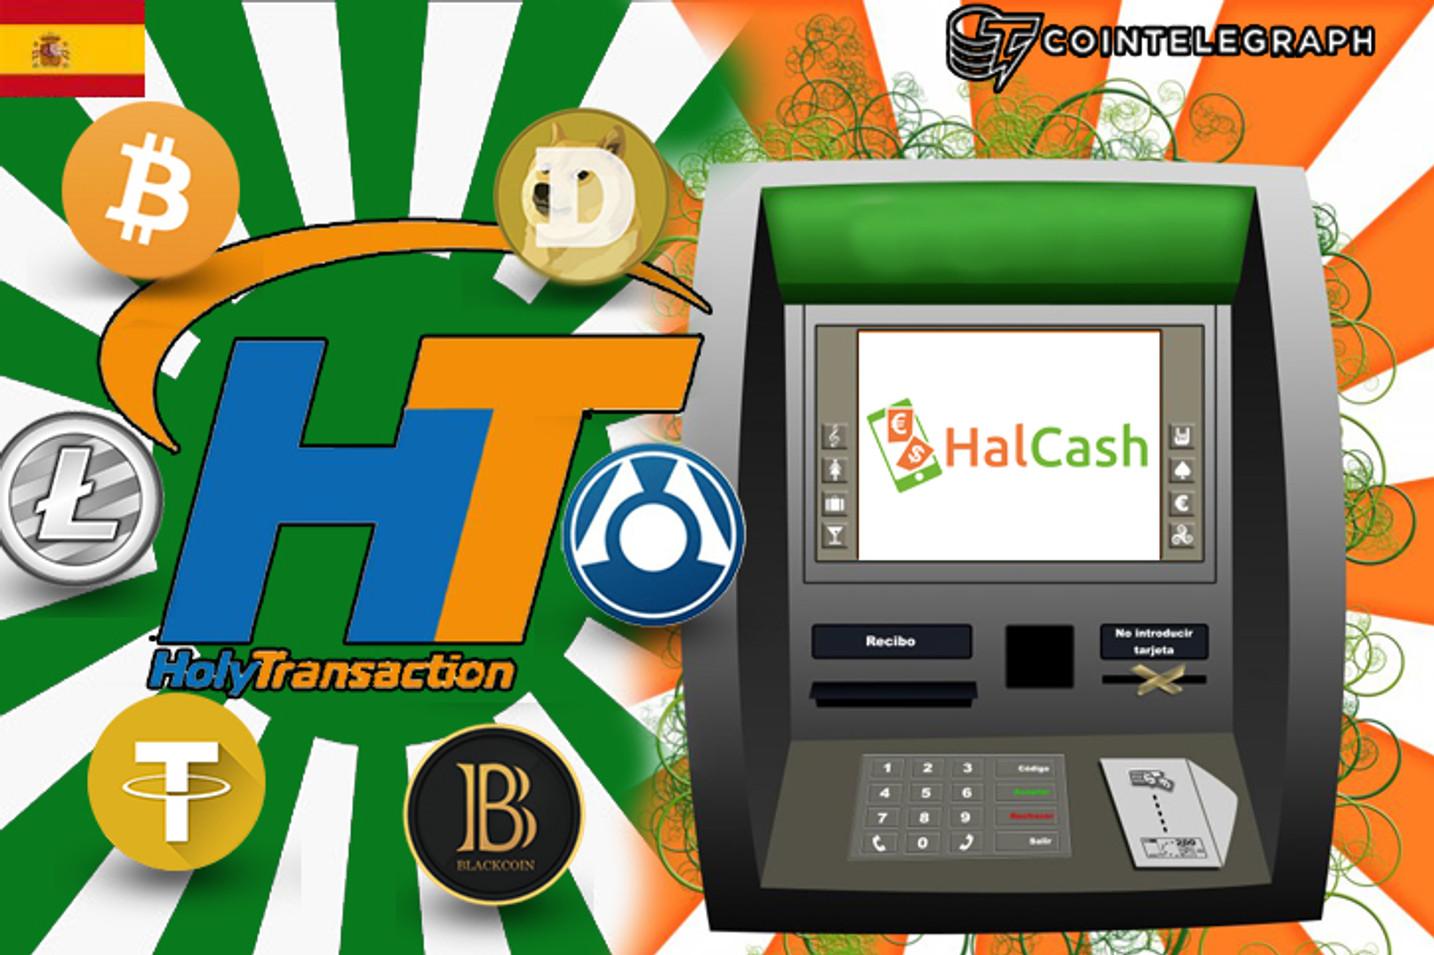 Cambiar bitcoins en España a través de 7.000 cajeros es posible con Holytransaction.